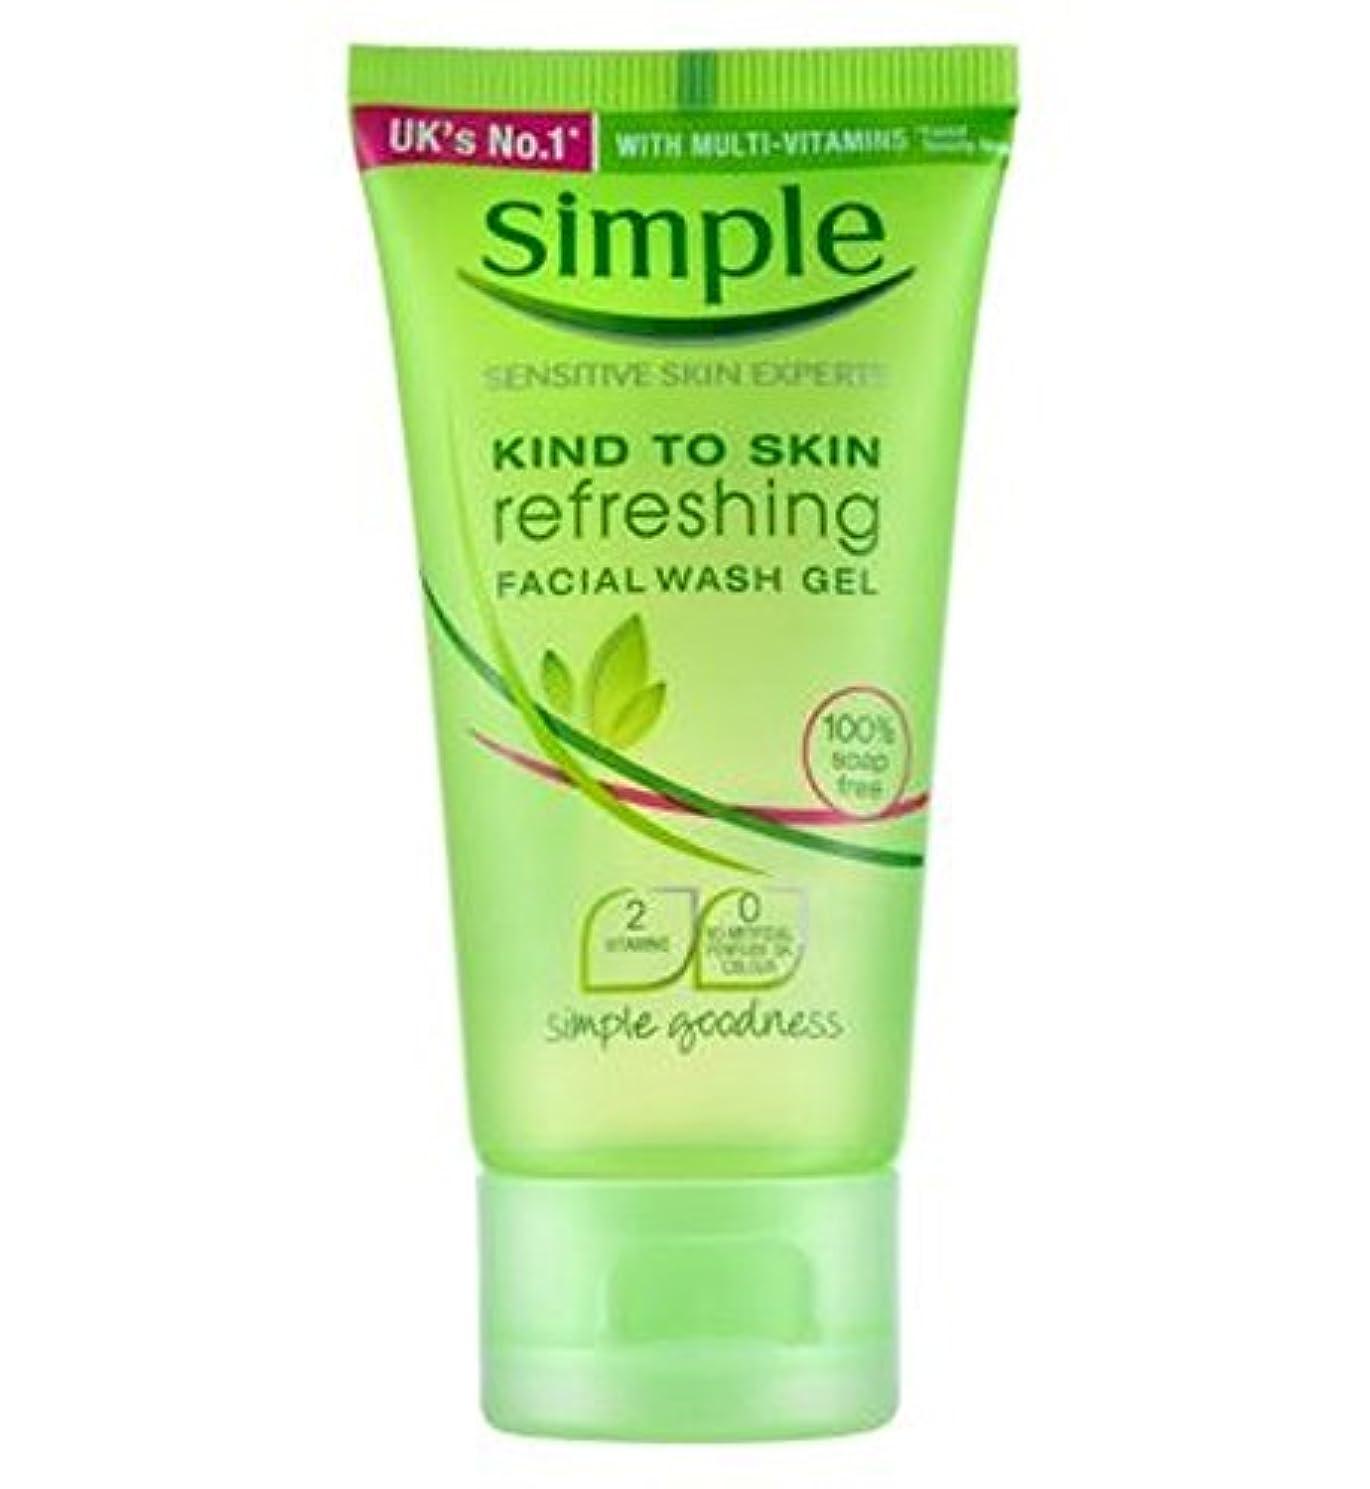 レオナルドダ治安判事消費するシンプルなさわやかな洗顔料の50ミリリットル (Simple) (x2) - Simple Refreshing Facial Wash 50ml (Pack of 2) [並行輸入品]